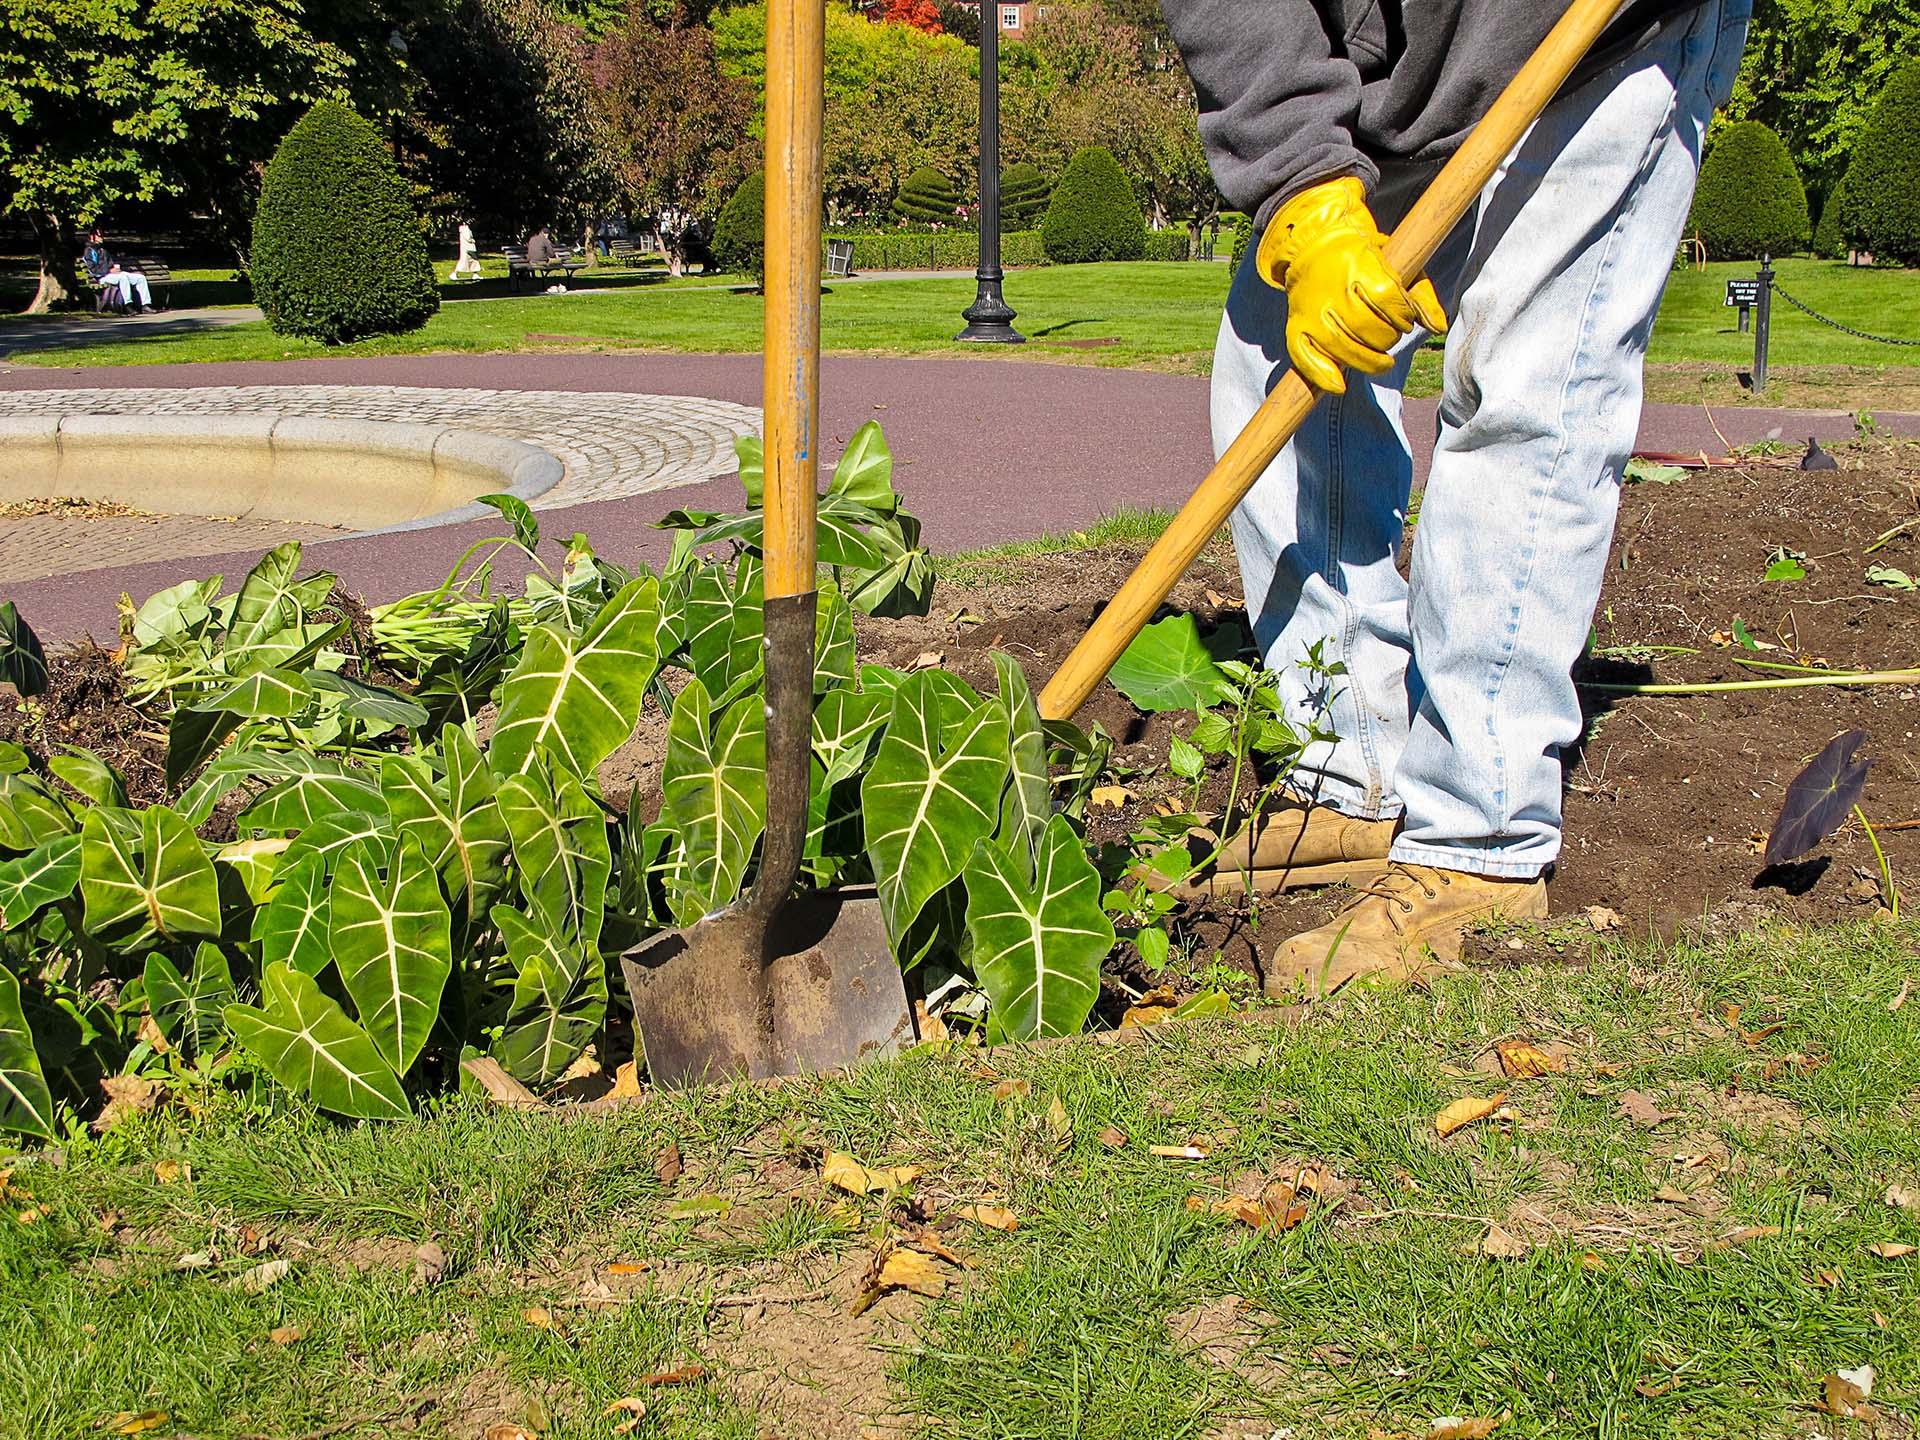 Accueil belarbre service jardinier paysagiste for Tarif jardinier paysagiste